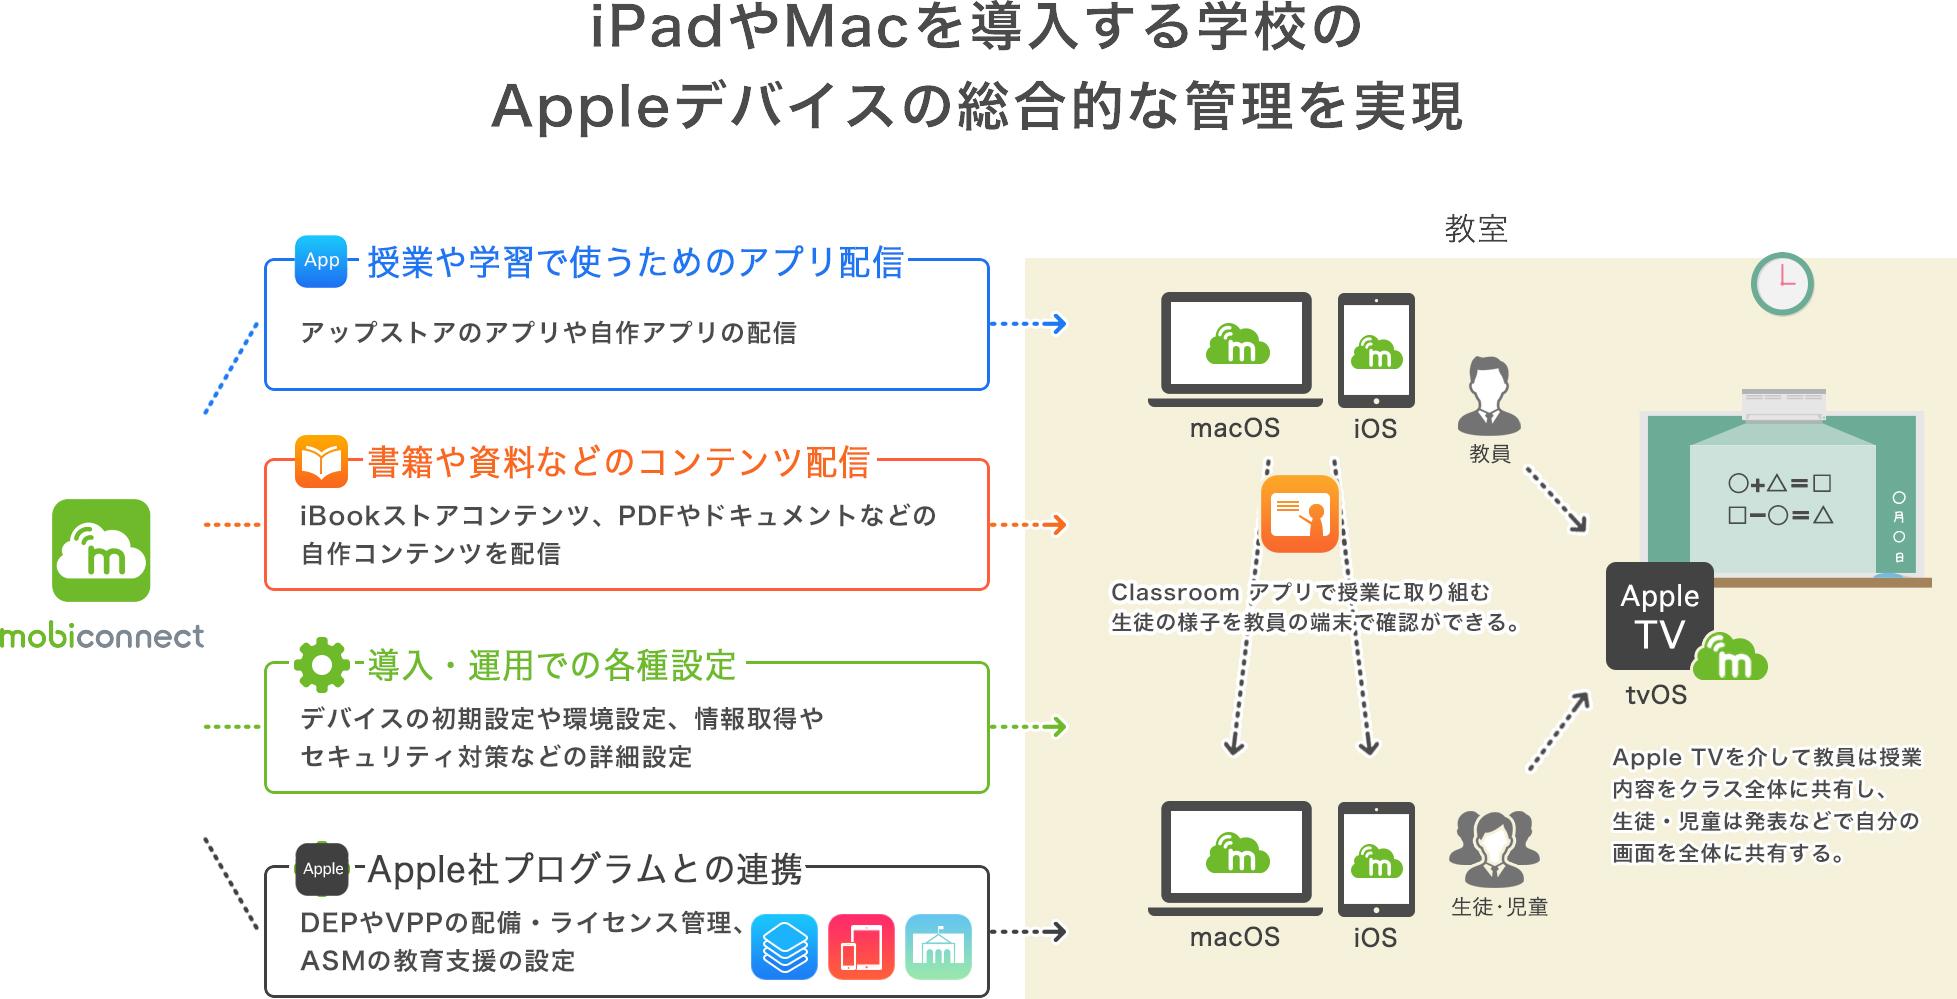 iPadやMacを導入する学校のAppleデバイスの総合的な管理を実現